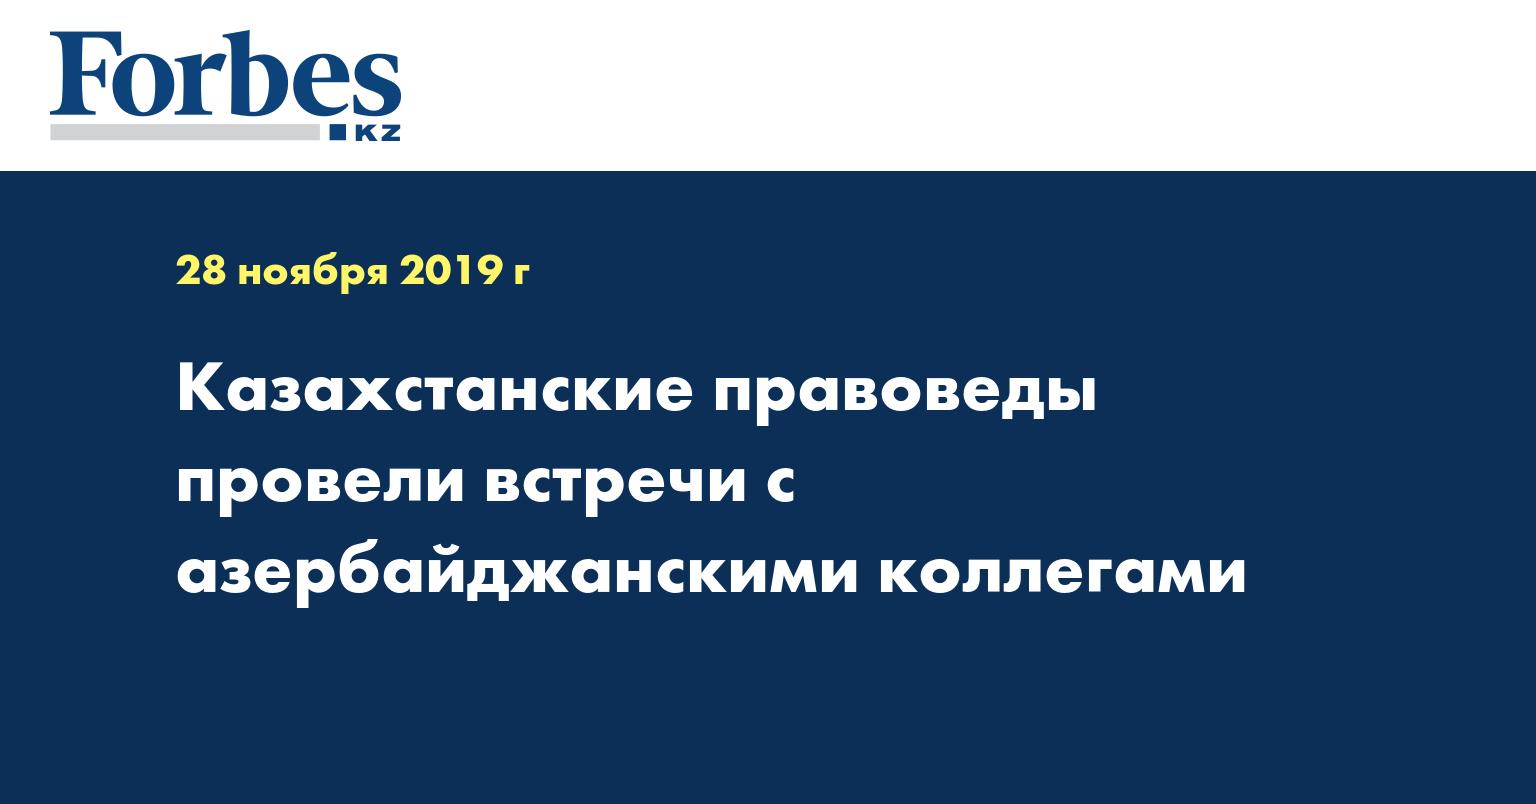 Казахстанские правоведы провели встречи с азербайджанскими коллегами